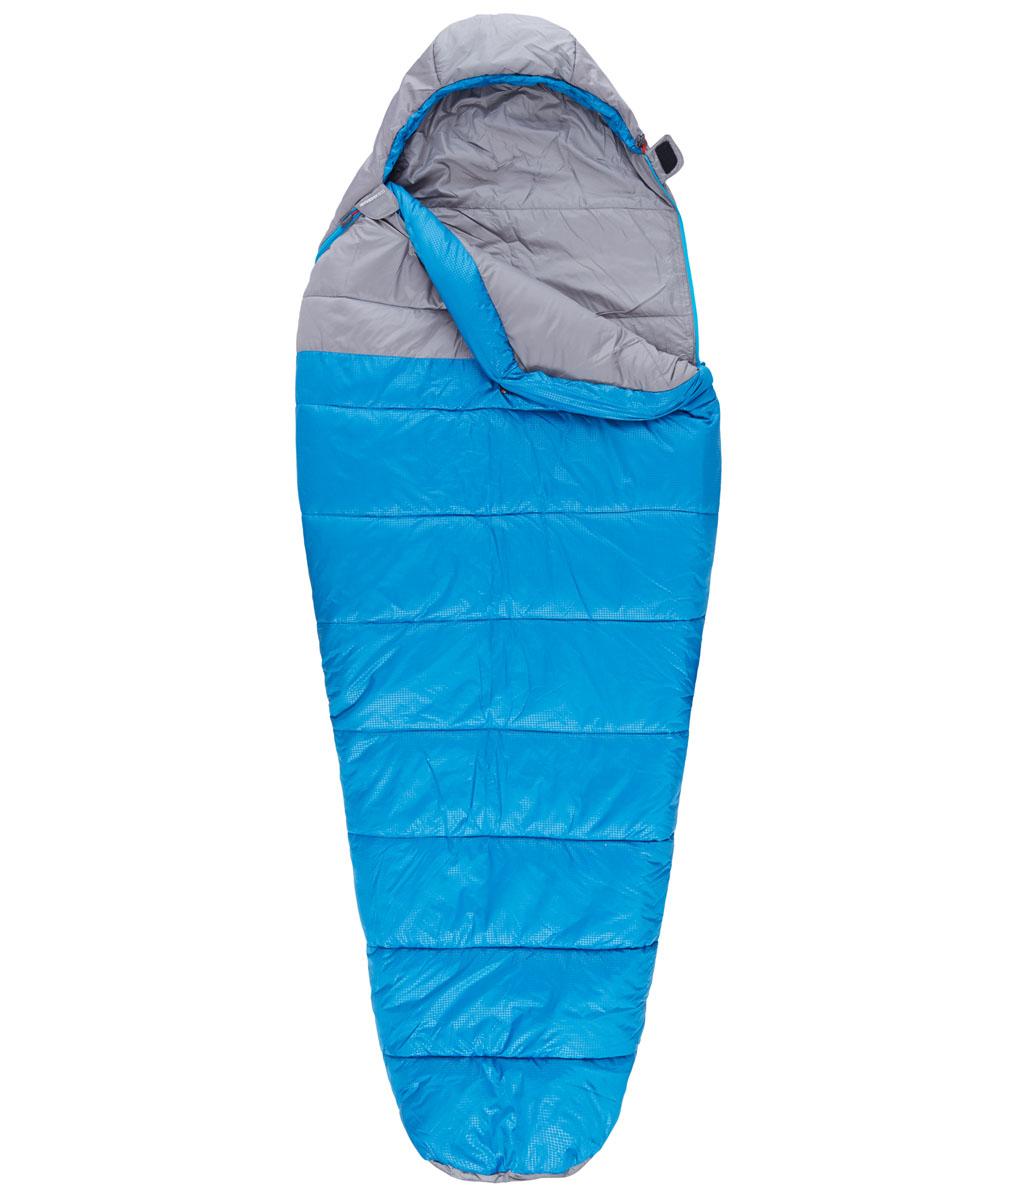 Спальный мешок The North Face Aleutian 20/-7, цвет: синий. T0A3A0M8RLH REGT0A3A0M8RLH REGCпальный мешок The North Face Aleutian 20/-7 прекрасно подойдет для путешествий, походов и рыбалки. Его можно целиком расстегнуть и расстелить в палатке. Мешок достаточно вместительный, универсальный, теплый и комфортный. Наружный и внешний слой выполнены из полиэстера. Он имеет:- капюшон,- внутренний карман,- отделение под подушку,- защита от закусывания молнии, - тепловой воротник,- тепловой валик молнии, - петли для сушки.